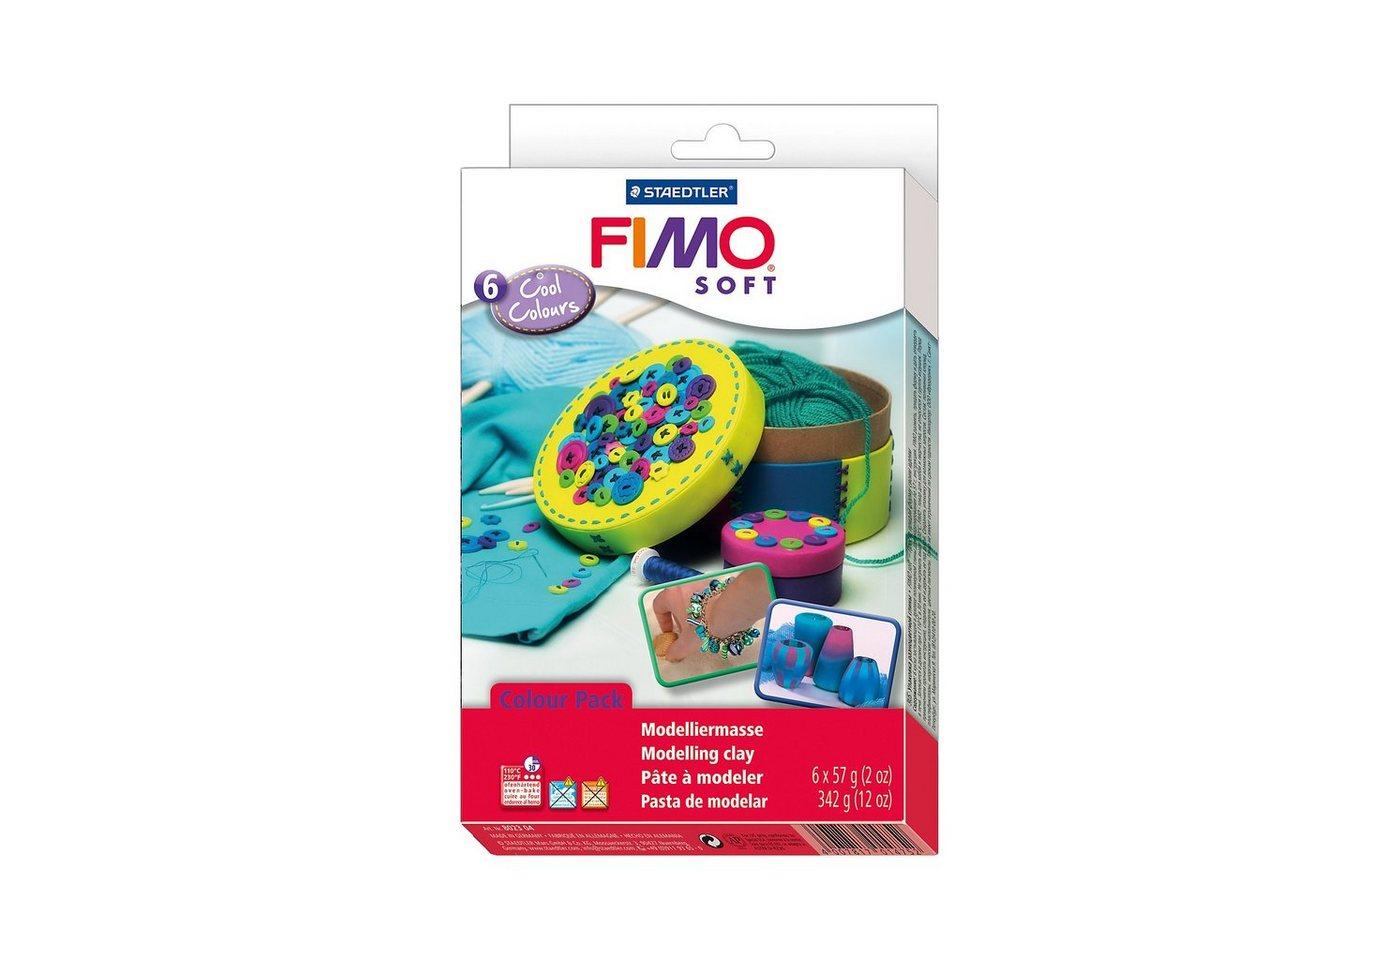 FIMO soft Materialpackung Cool Colours, 6 x 57 g - Preisvergleich